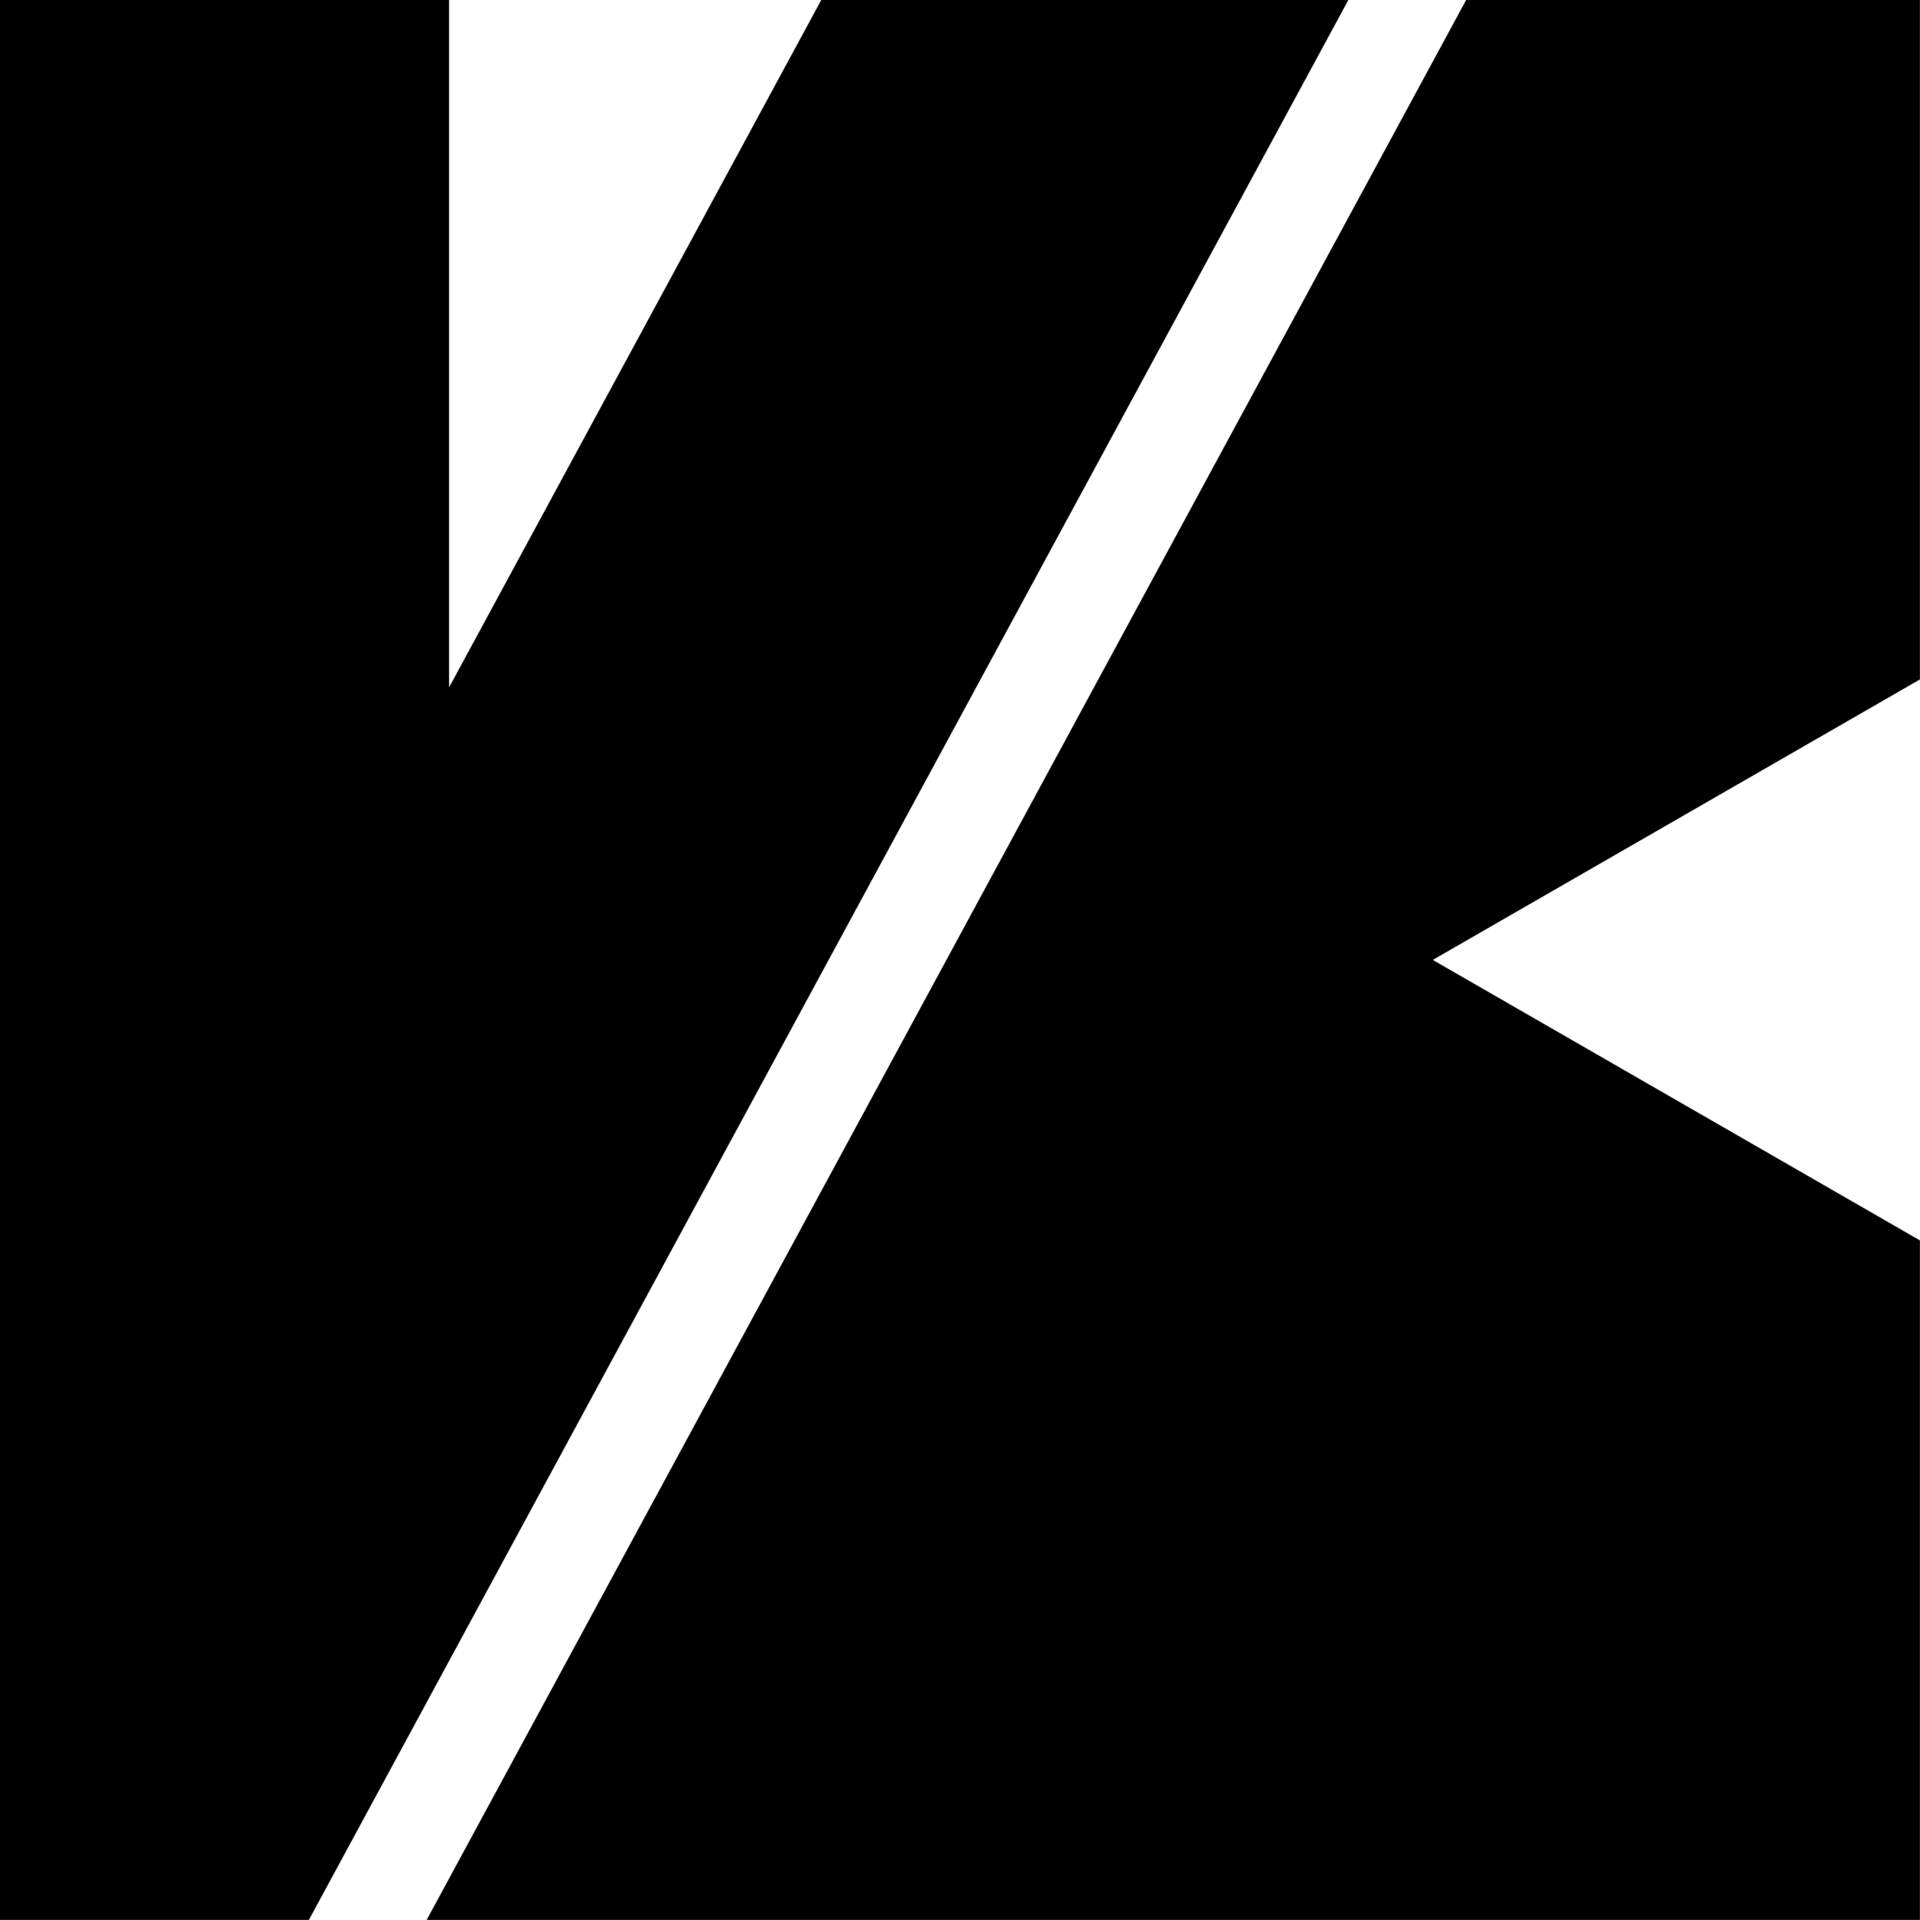 VERNET_BEHRINGER_sigle_noir